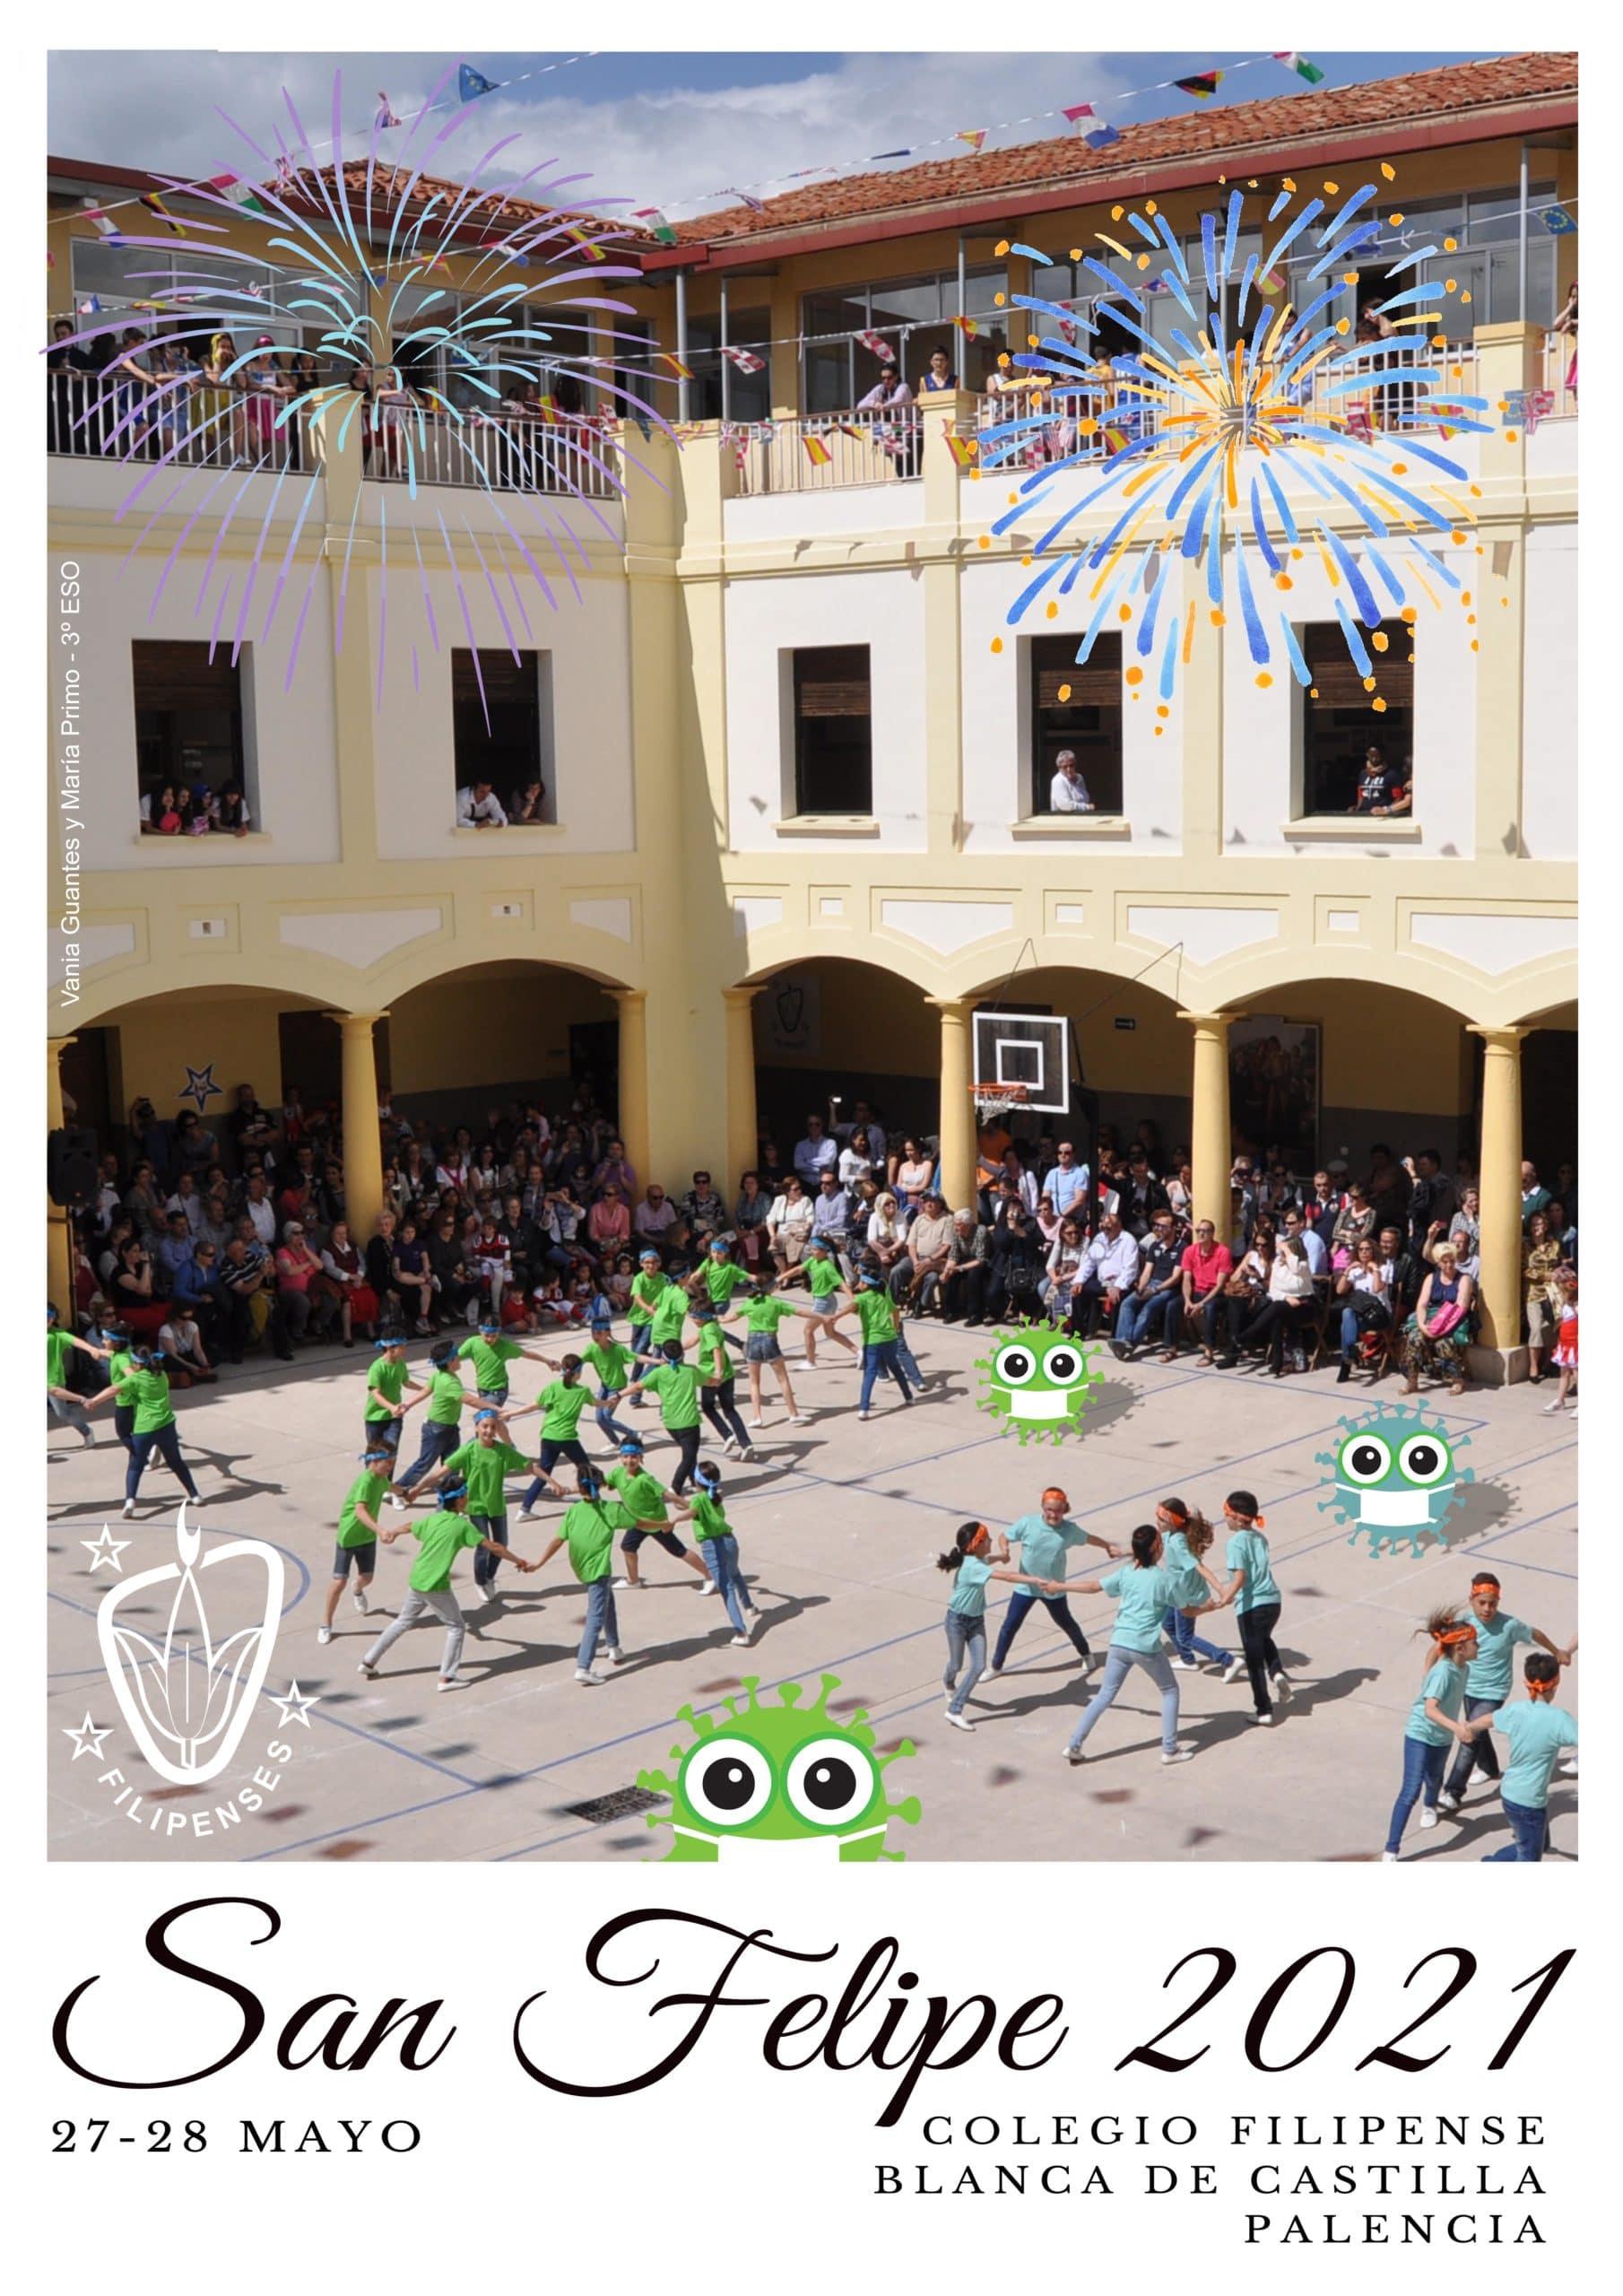 Fiestas de San Felipe 2021 del Colegio Filipense Blanca de Castilla de Palencia